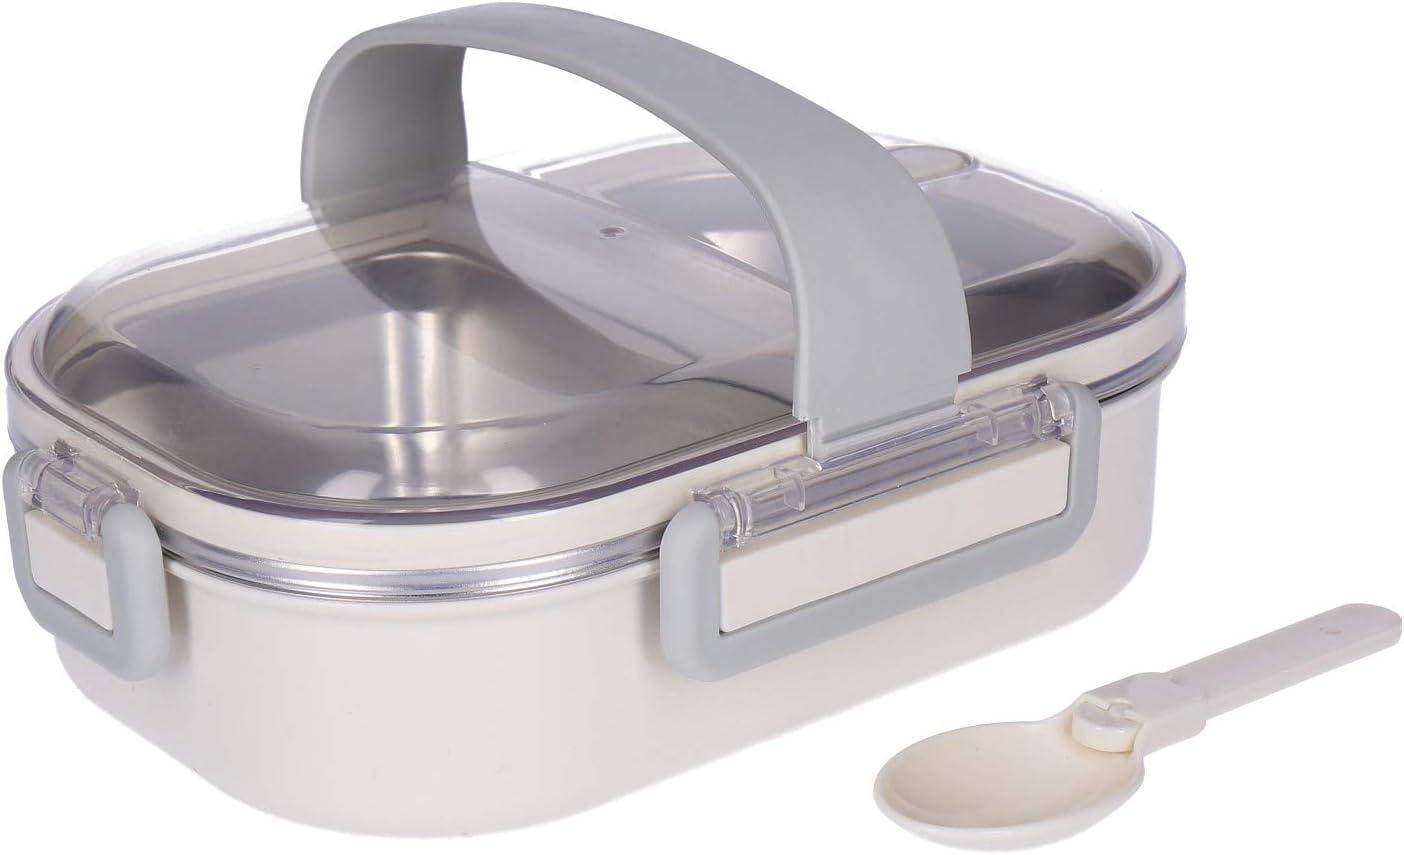 Fiambrera de acero inoxidable 18/10 con cuchara y asa de transporte de aprox. 700 ml, Bentobox, fiambrera, 2 compartimentos, tapa de clic de 4 capas, hermética, sin BPA (beige)